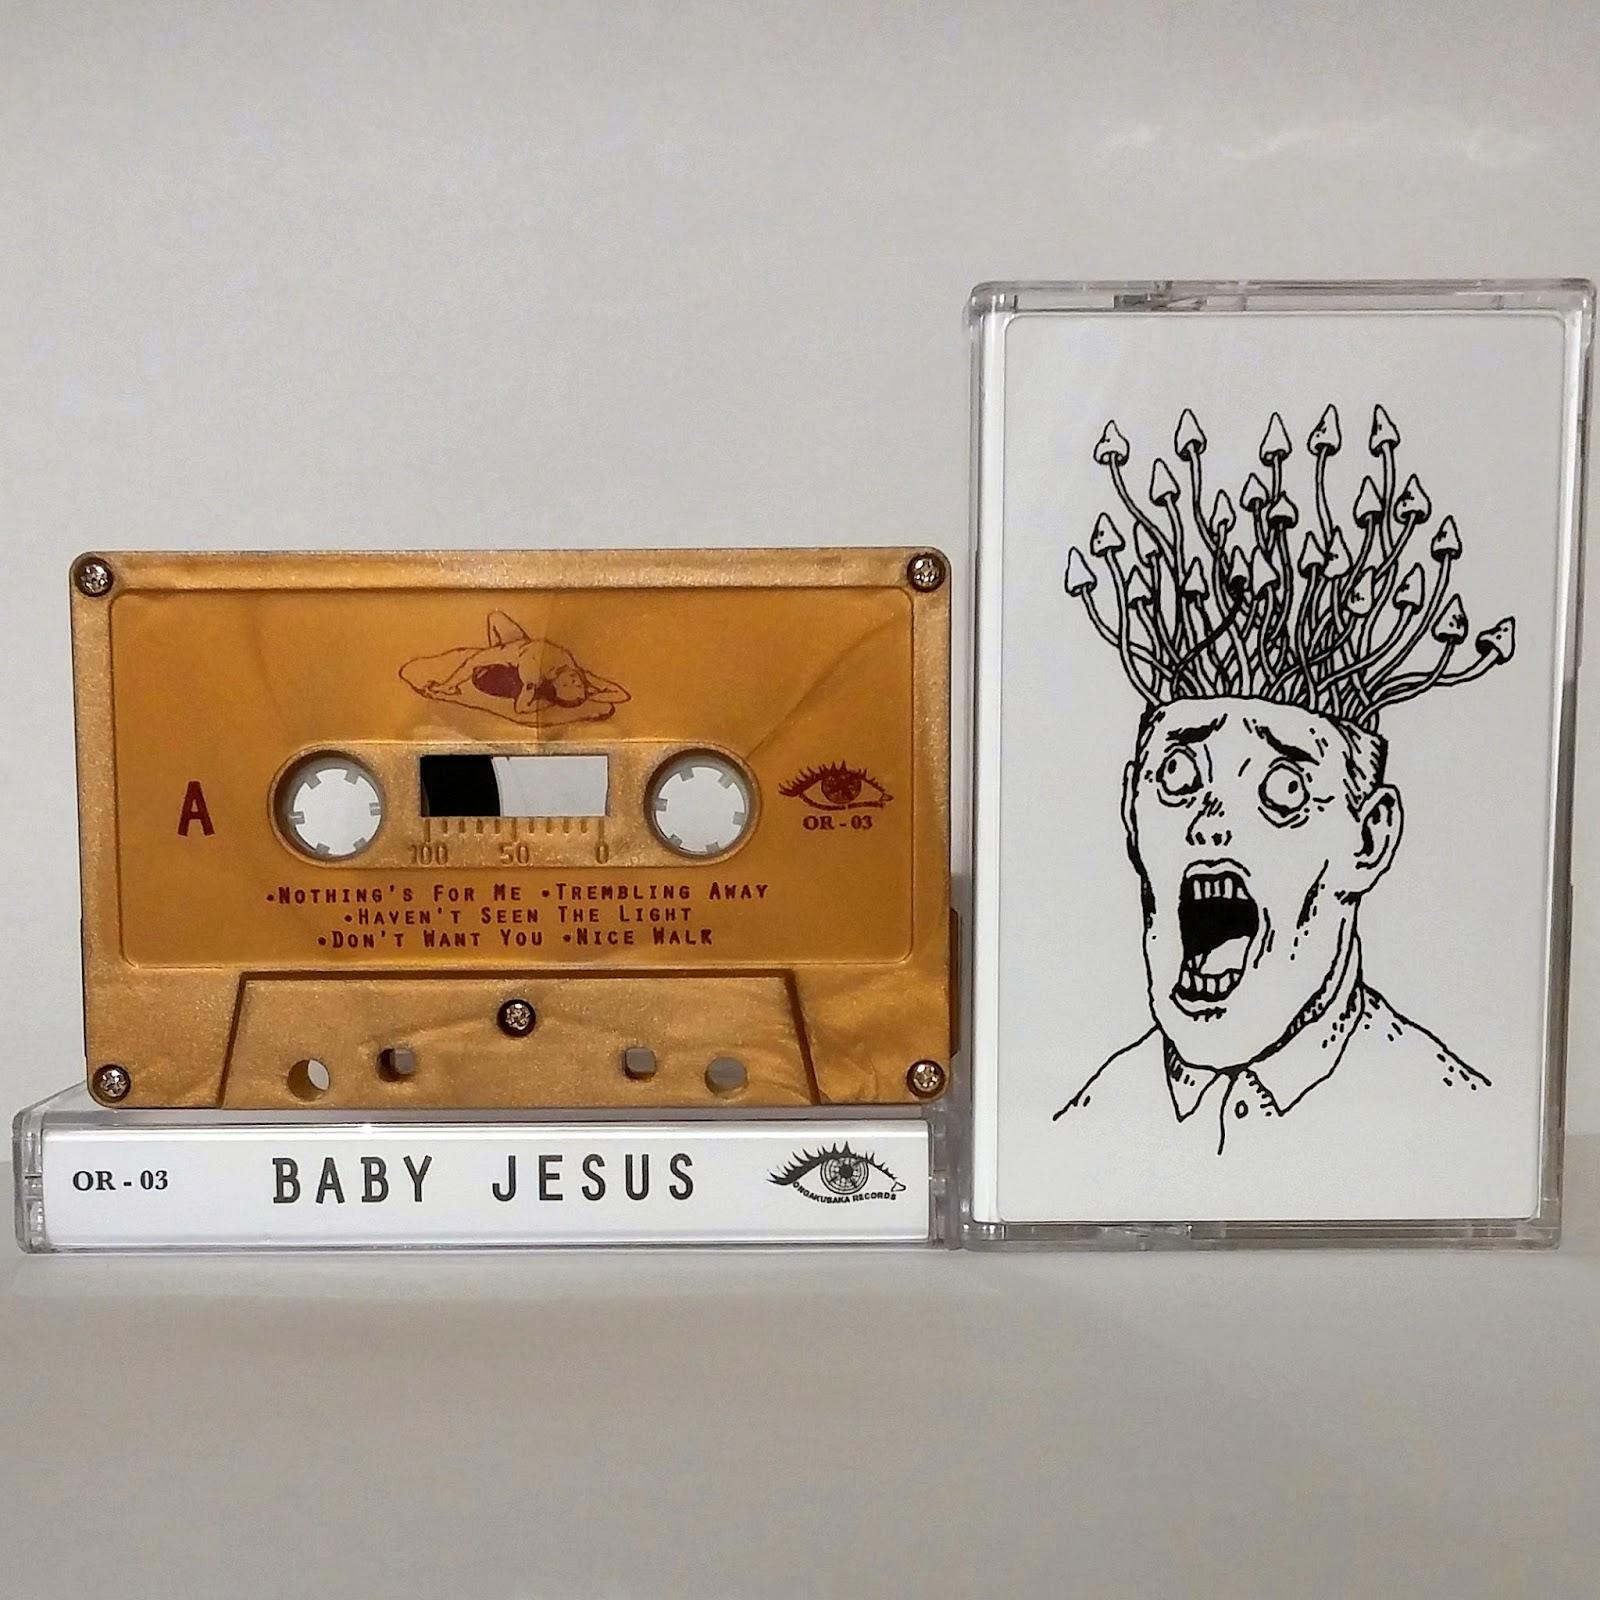 Baby Jesus - s/t